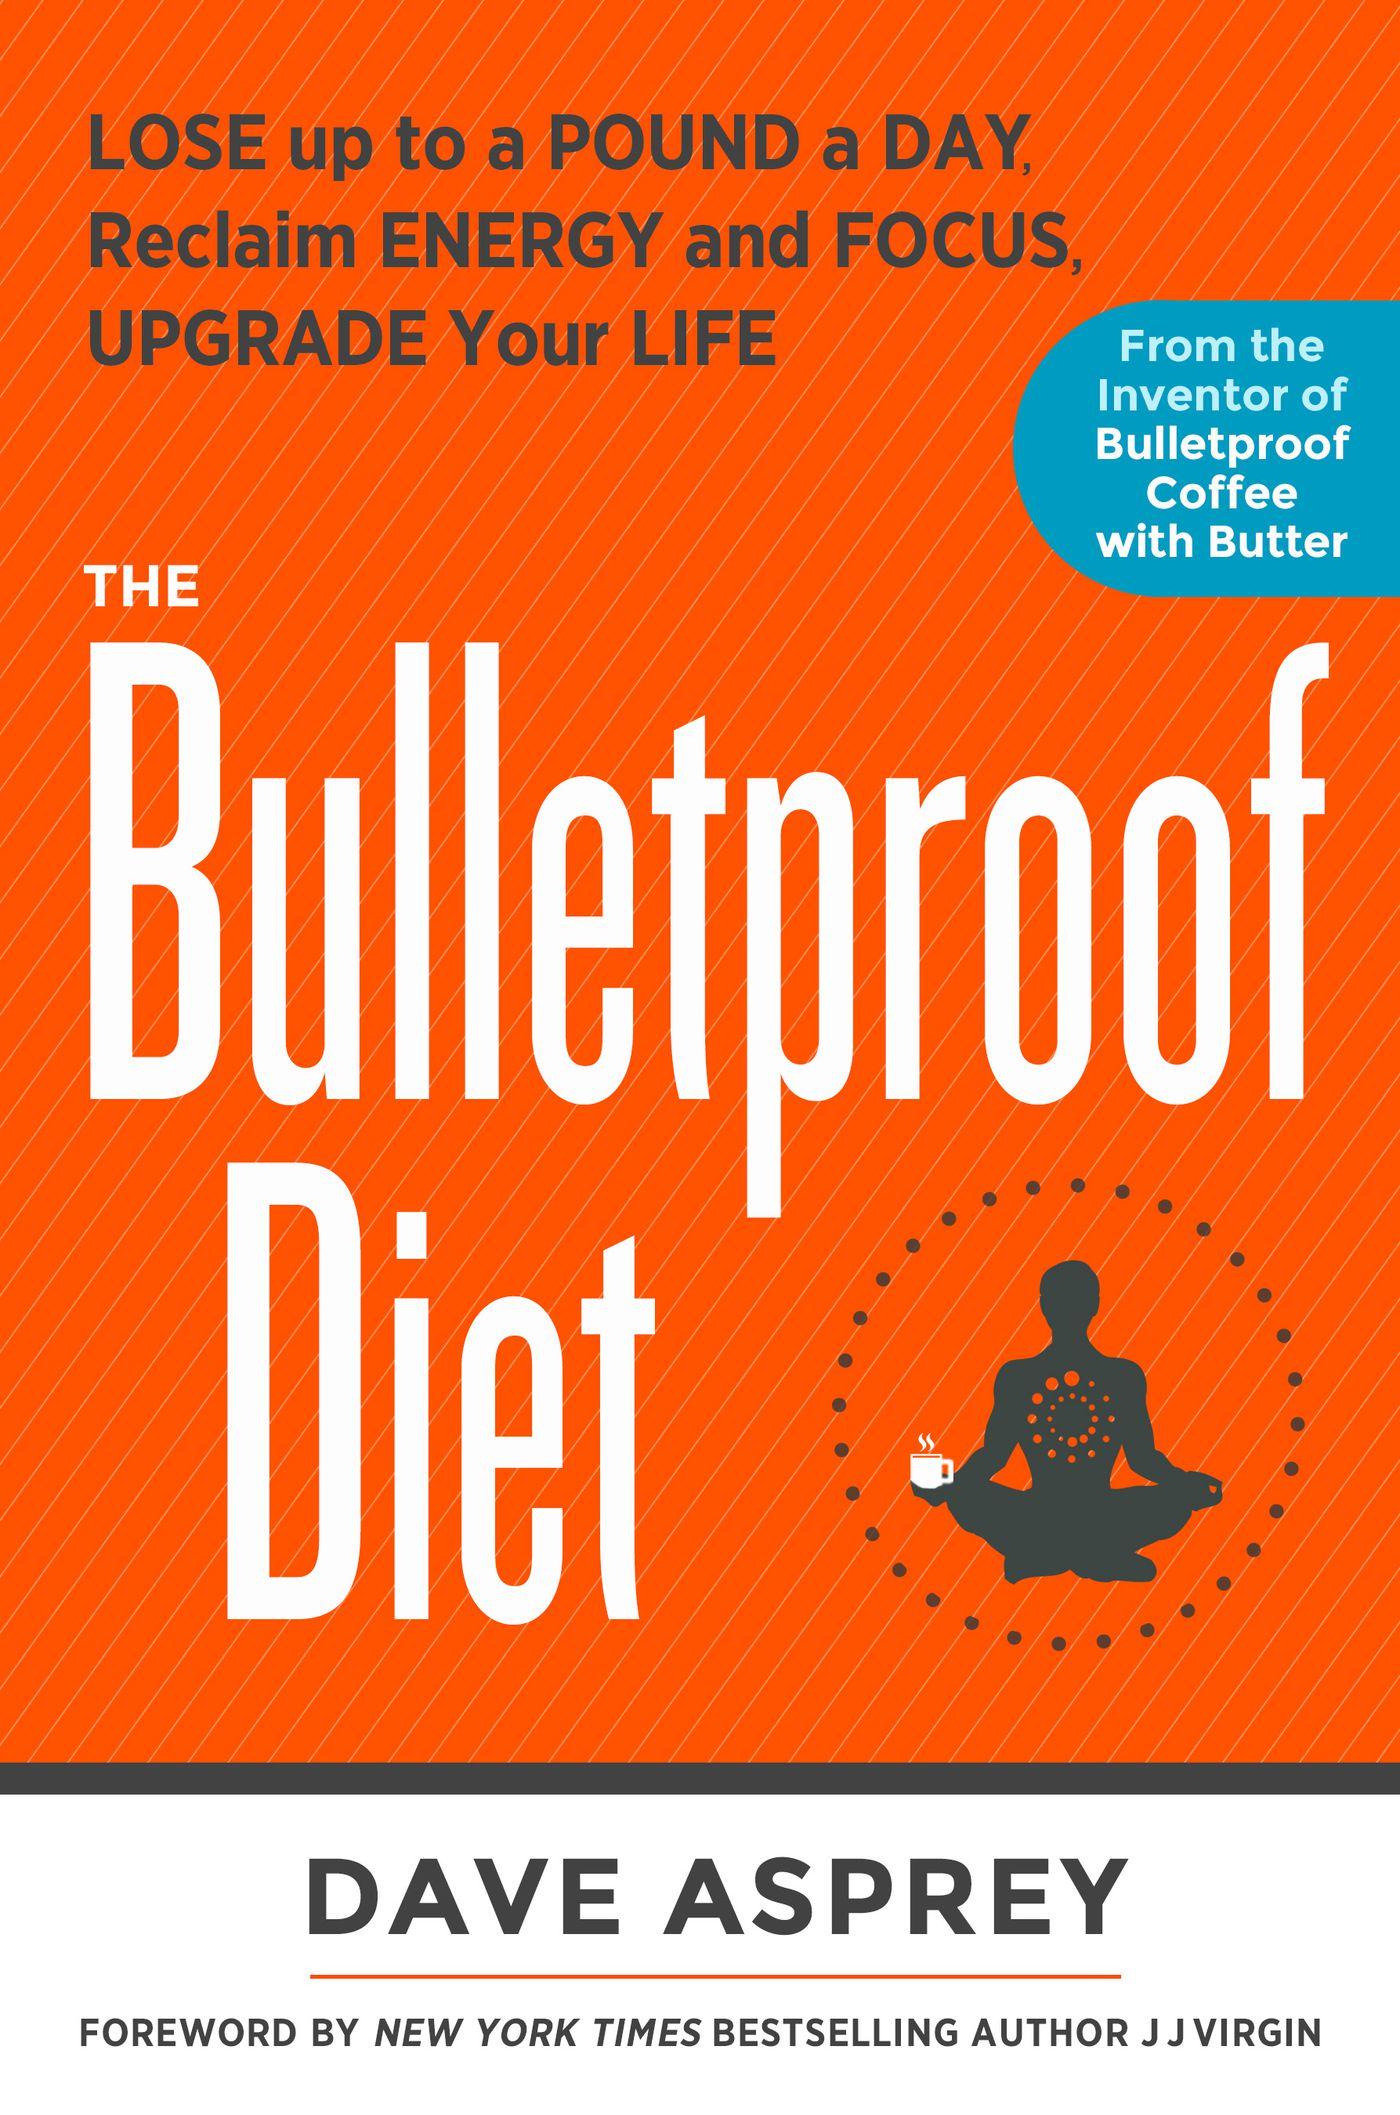 is bulletproof diet free?